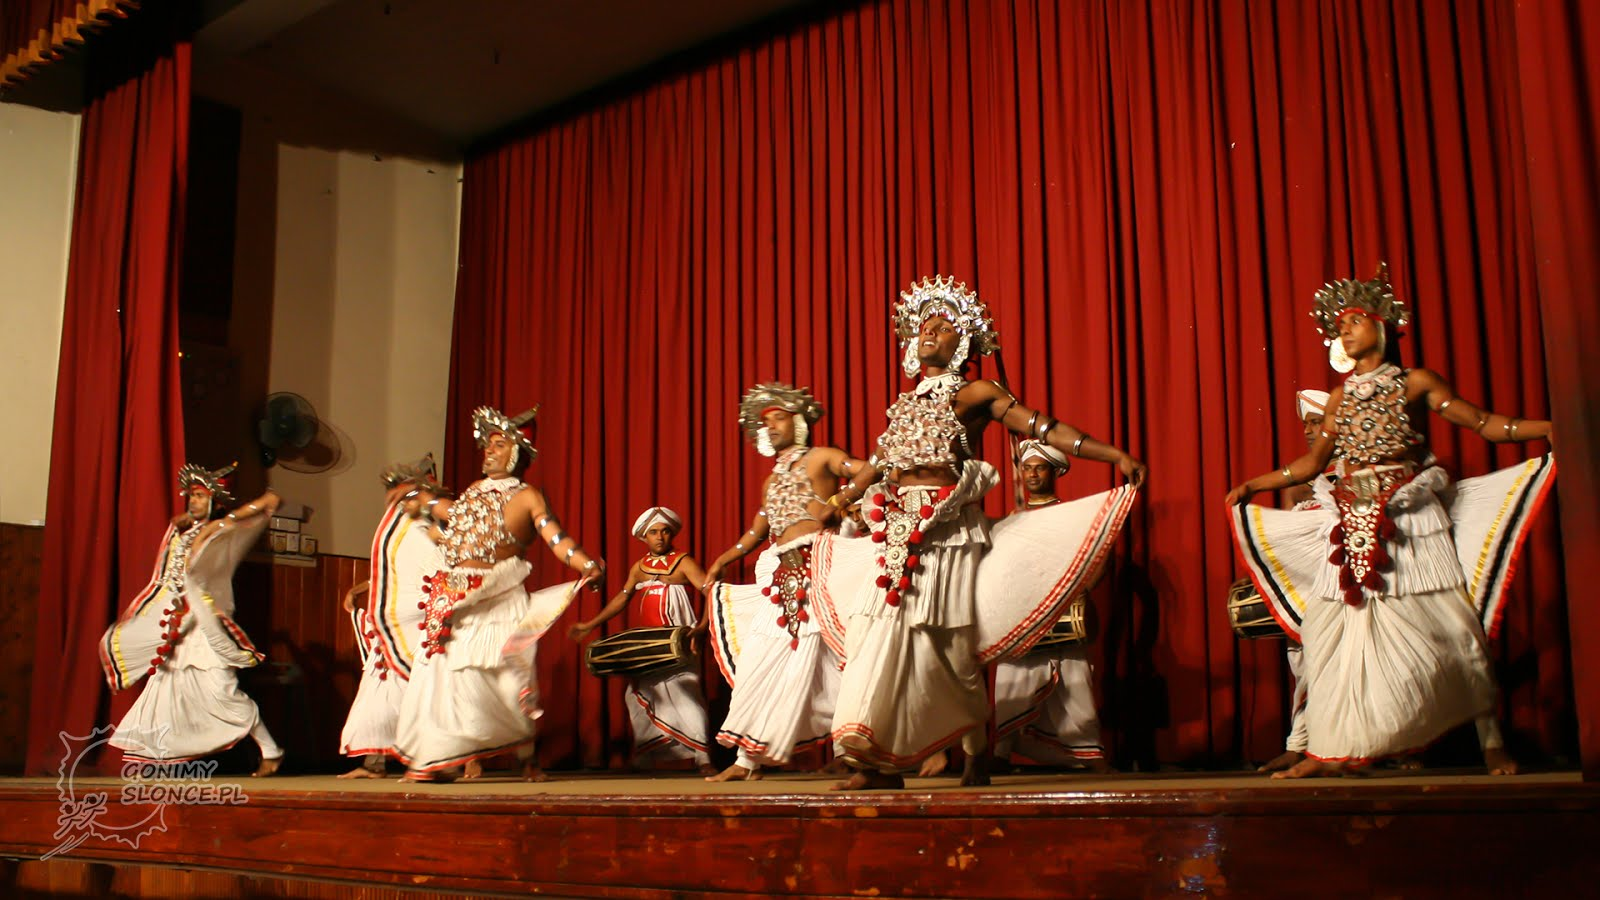 Kandy Dancers - Kandyjscy Tancerze - Sri Lanka